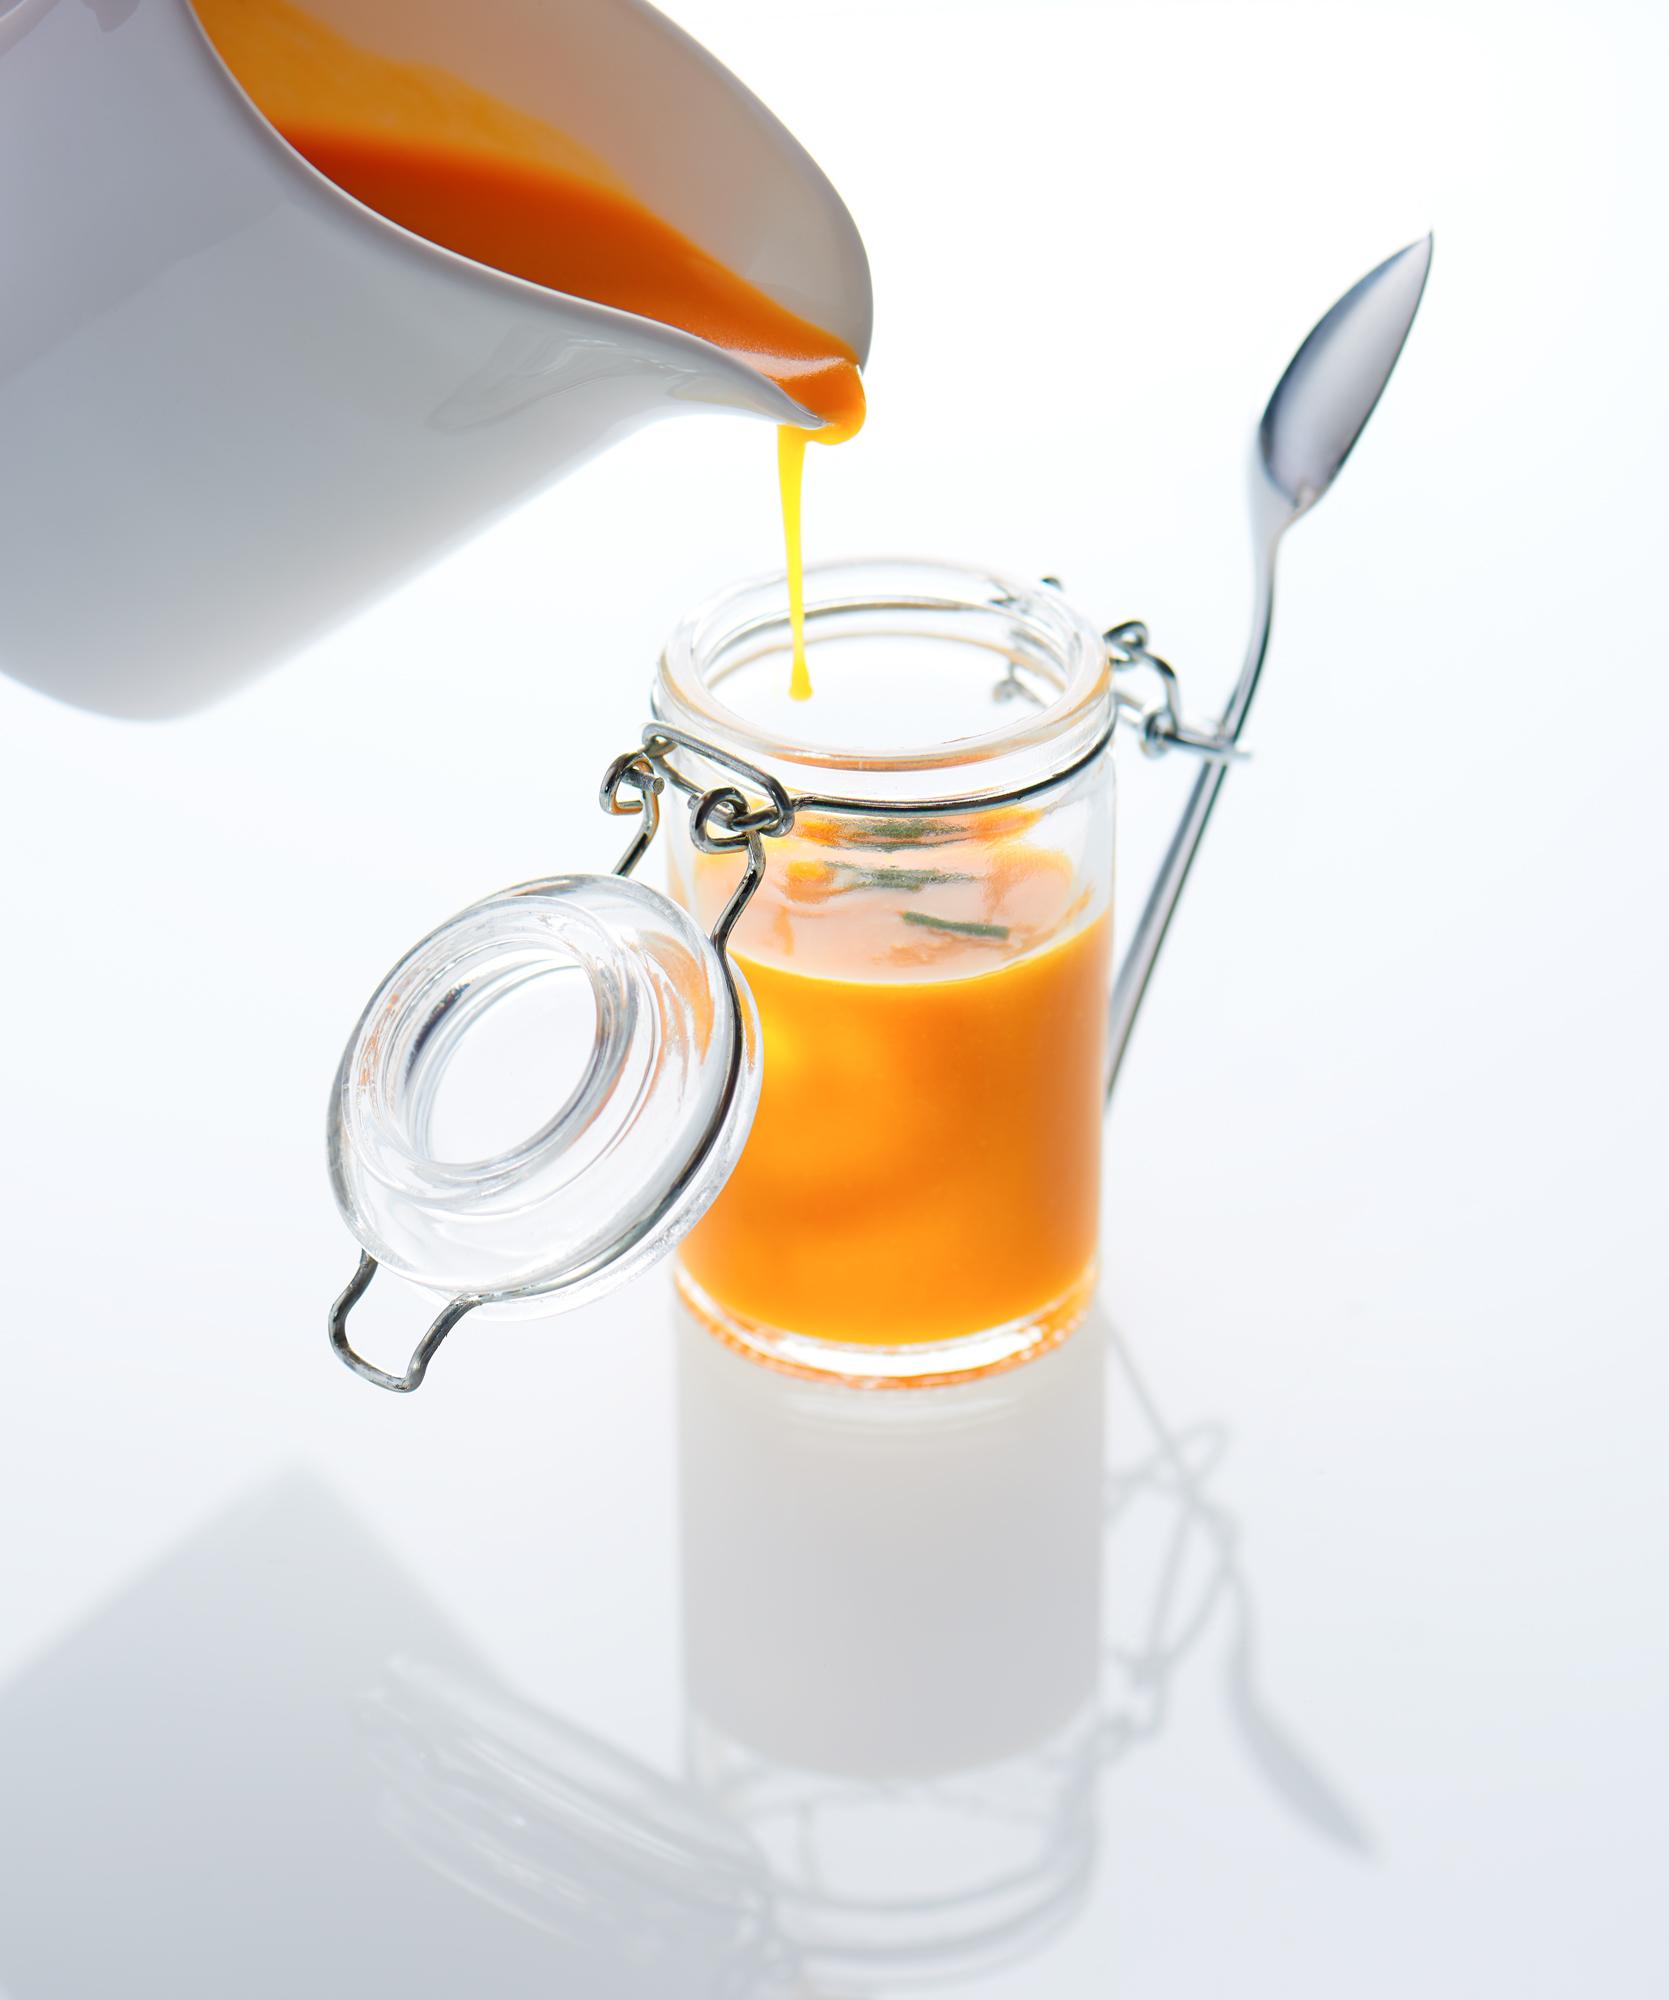 image culinaire de soupe de potiron